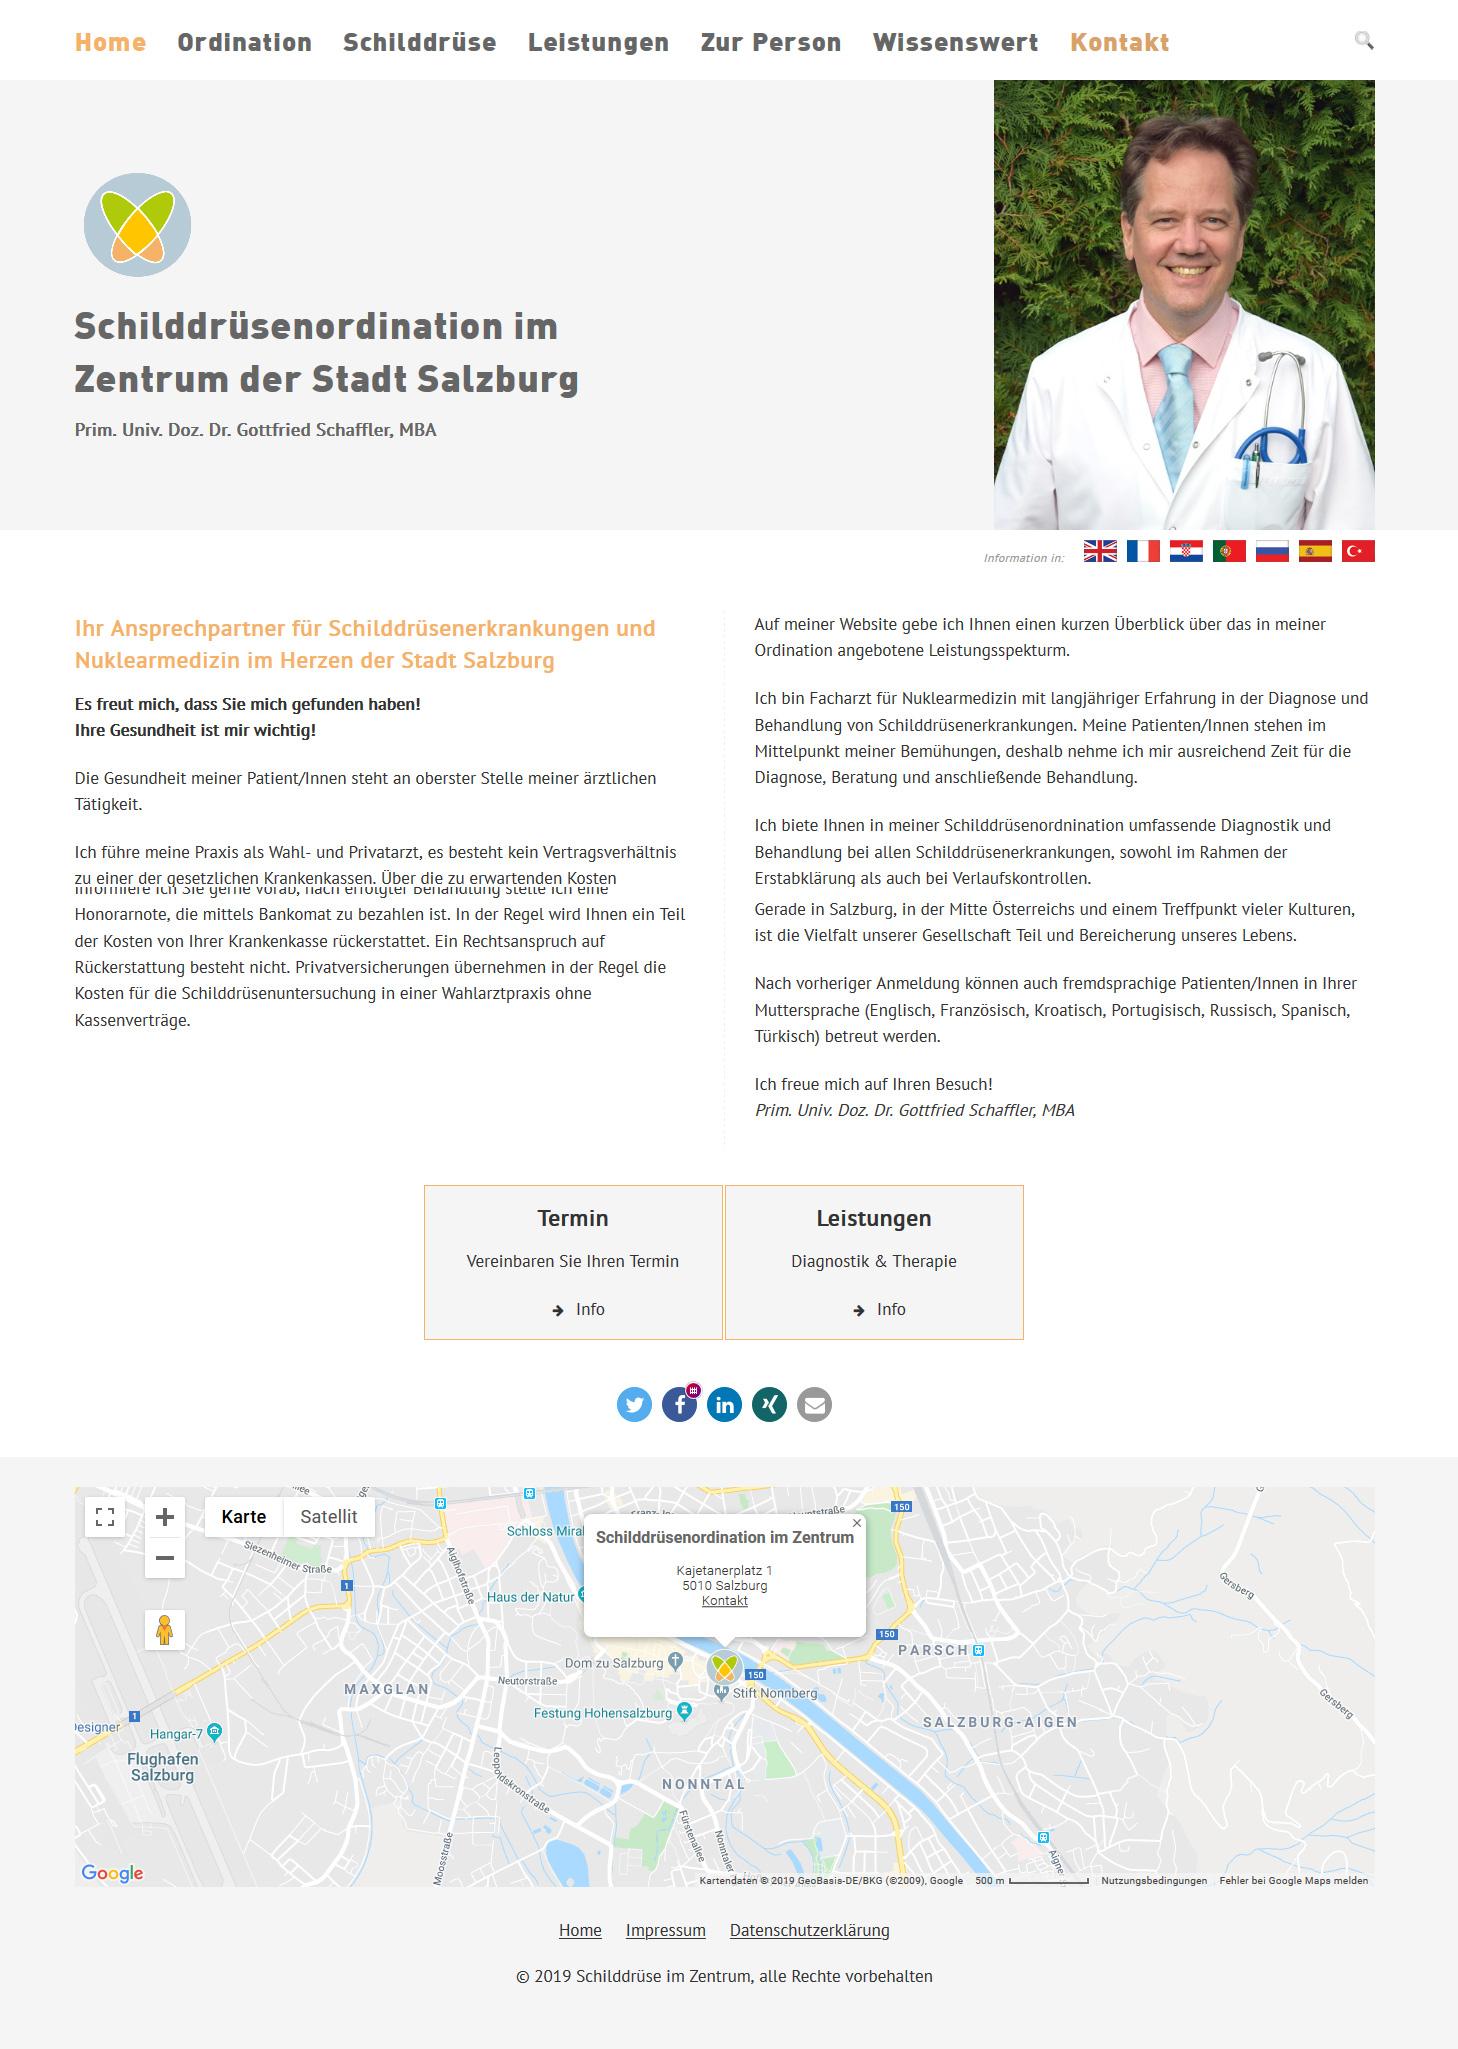 Schilddrüsenordination Salzburg